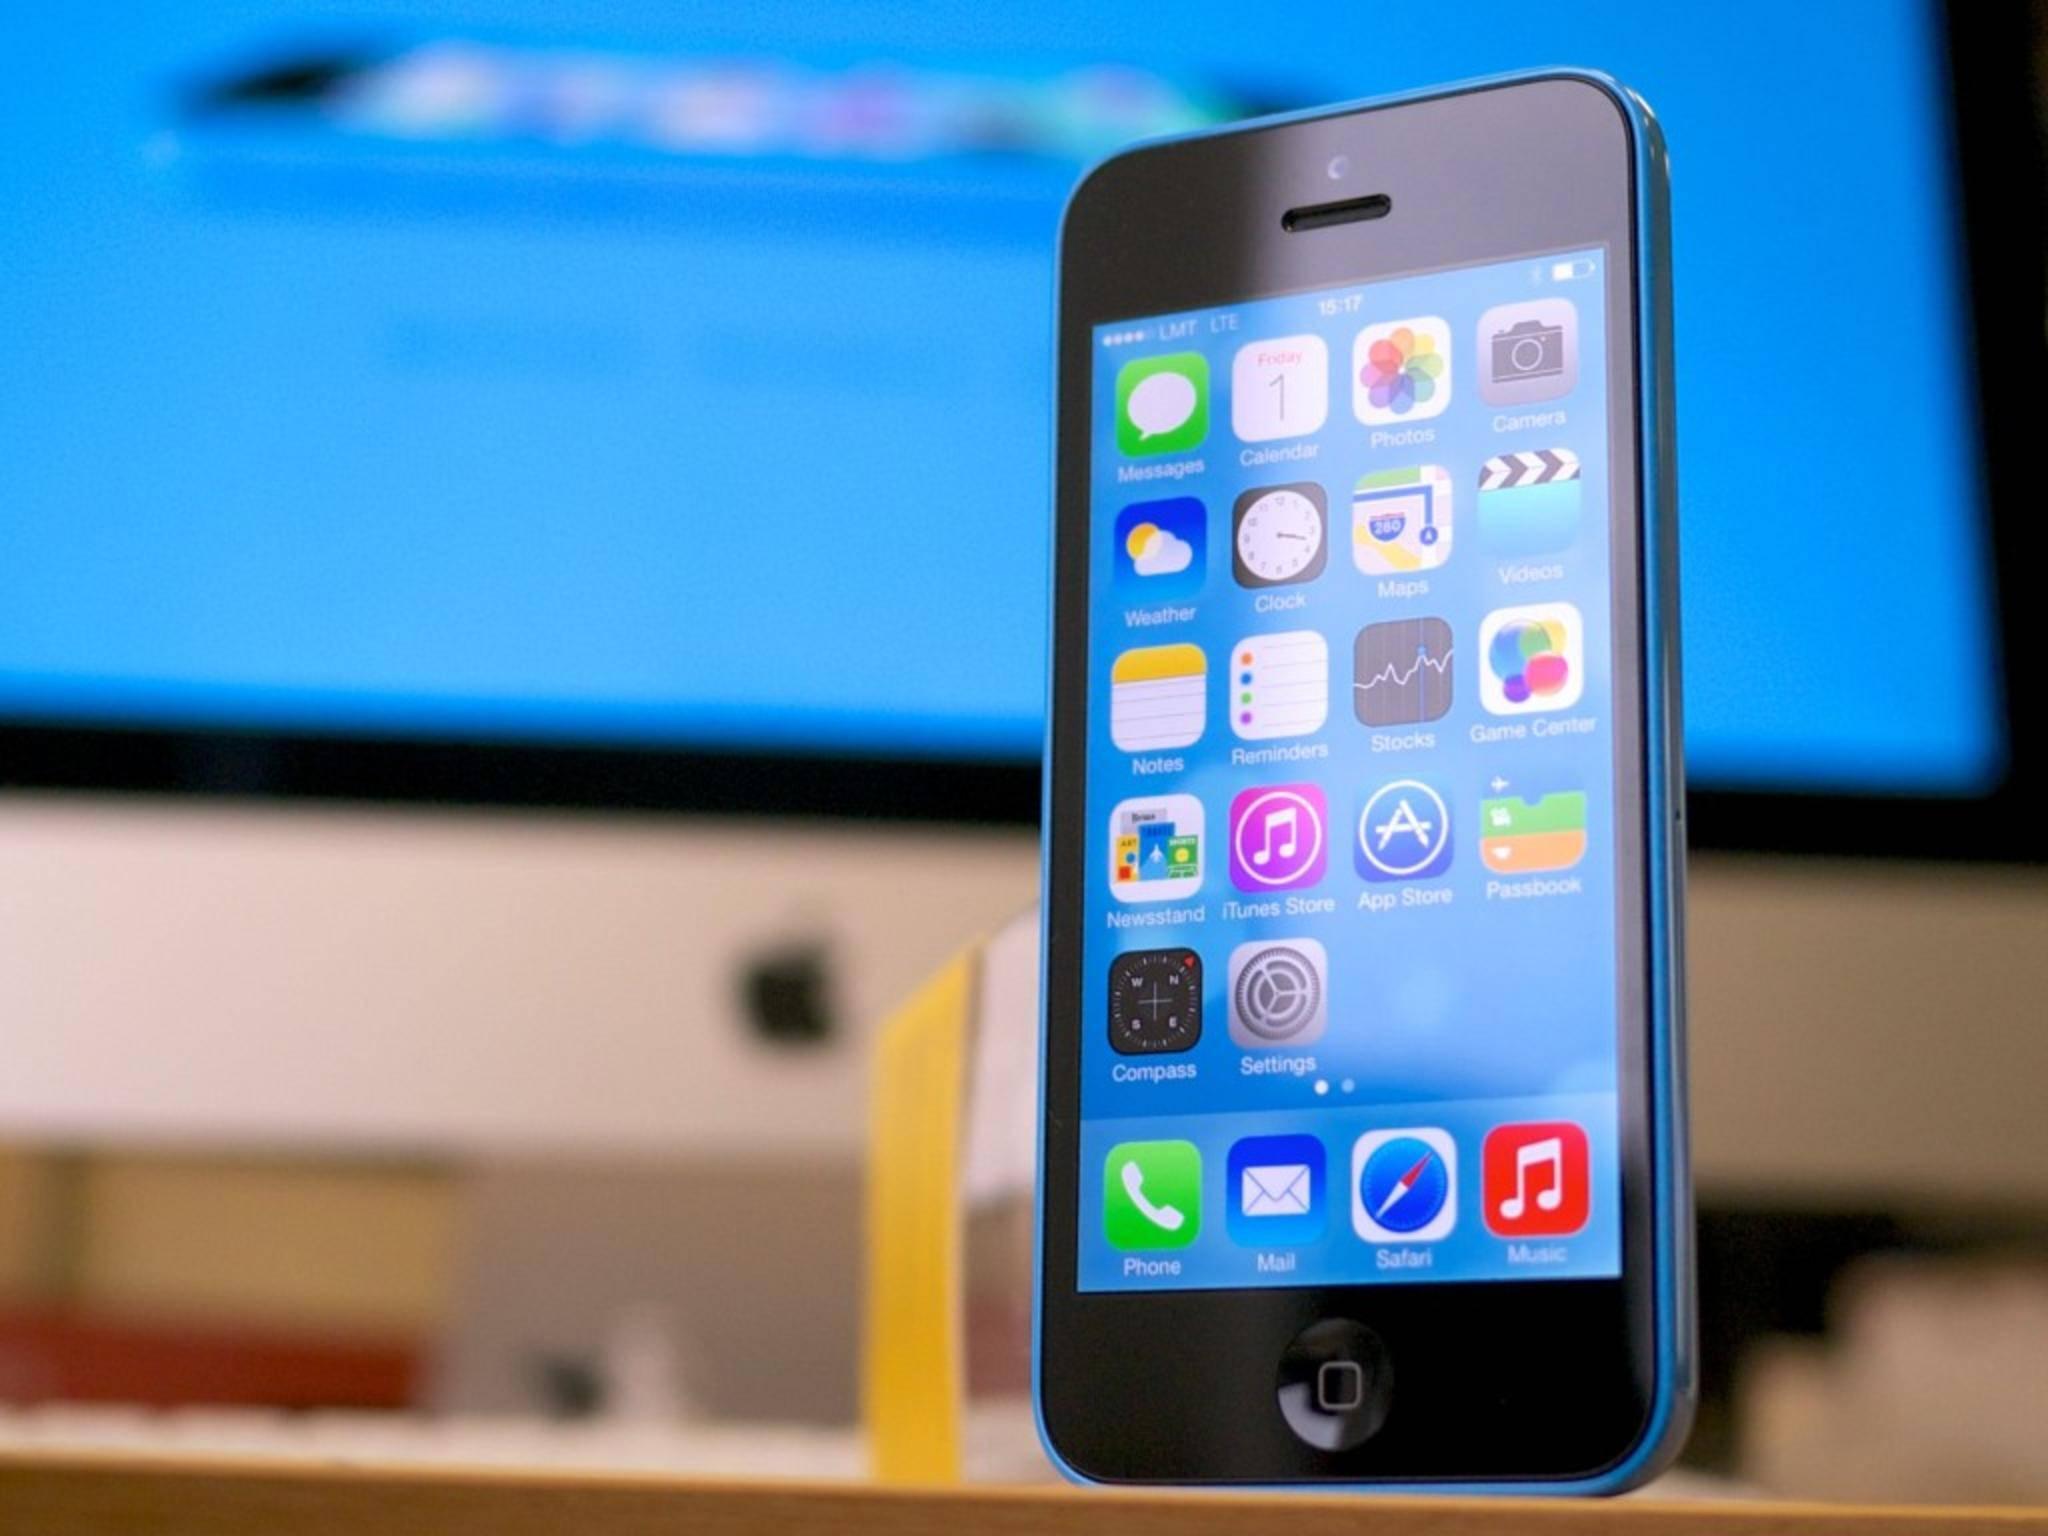 Das iPhone 5c rettete einem Mann in England das Leben.